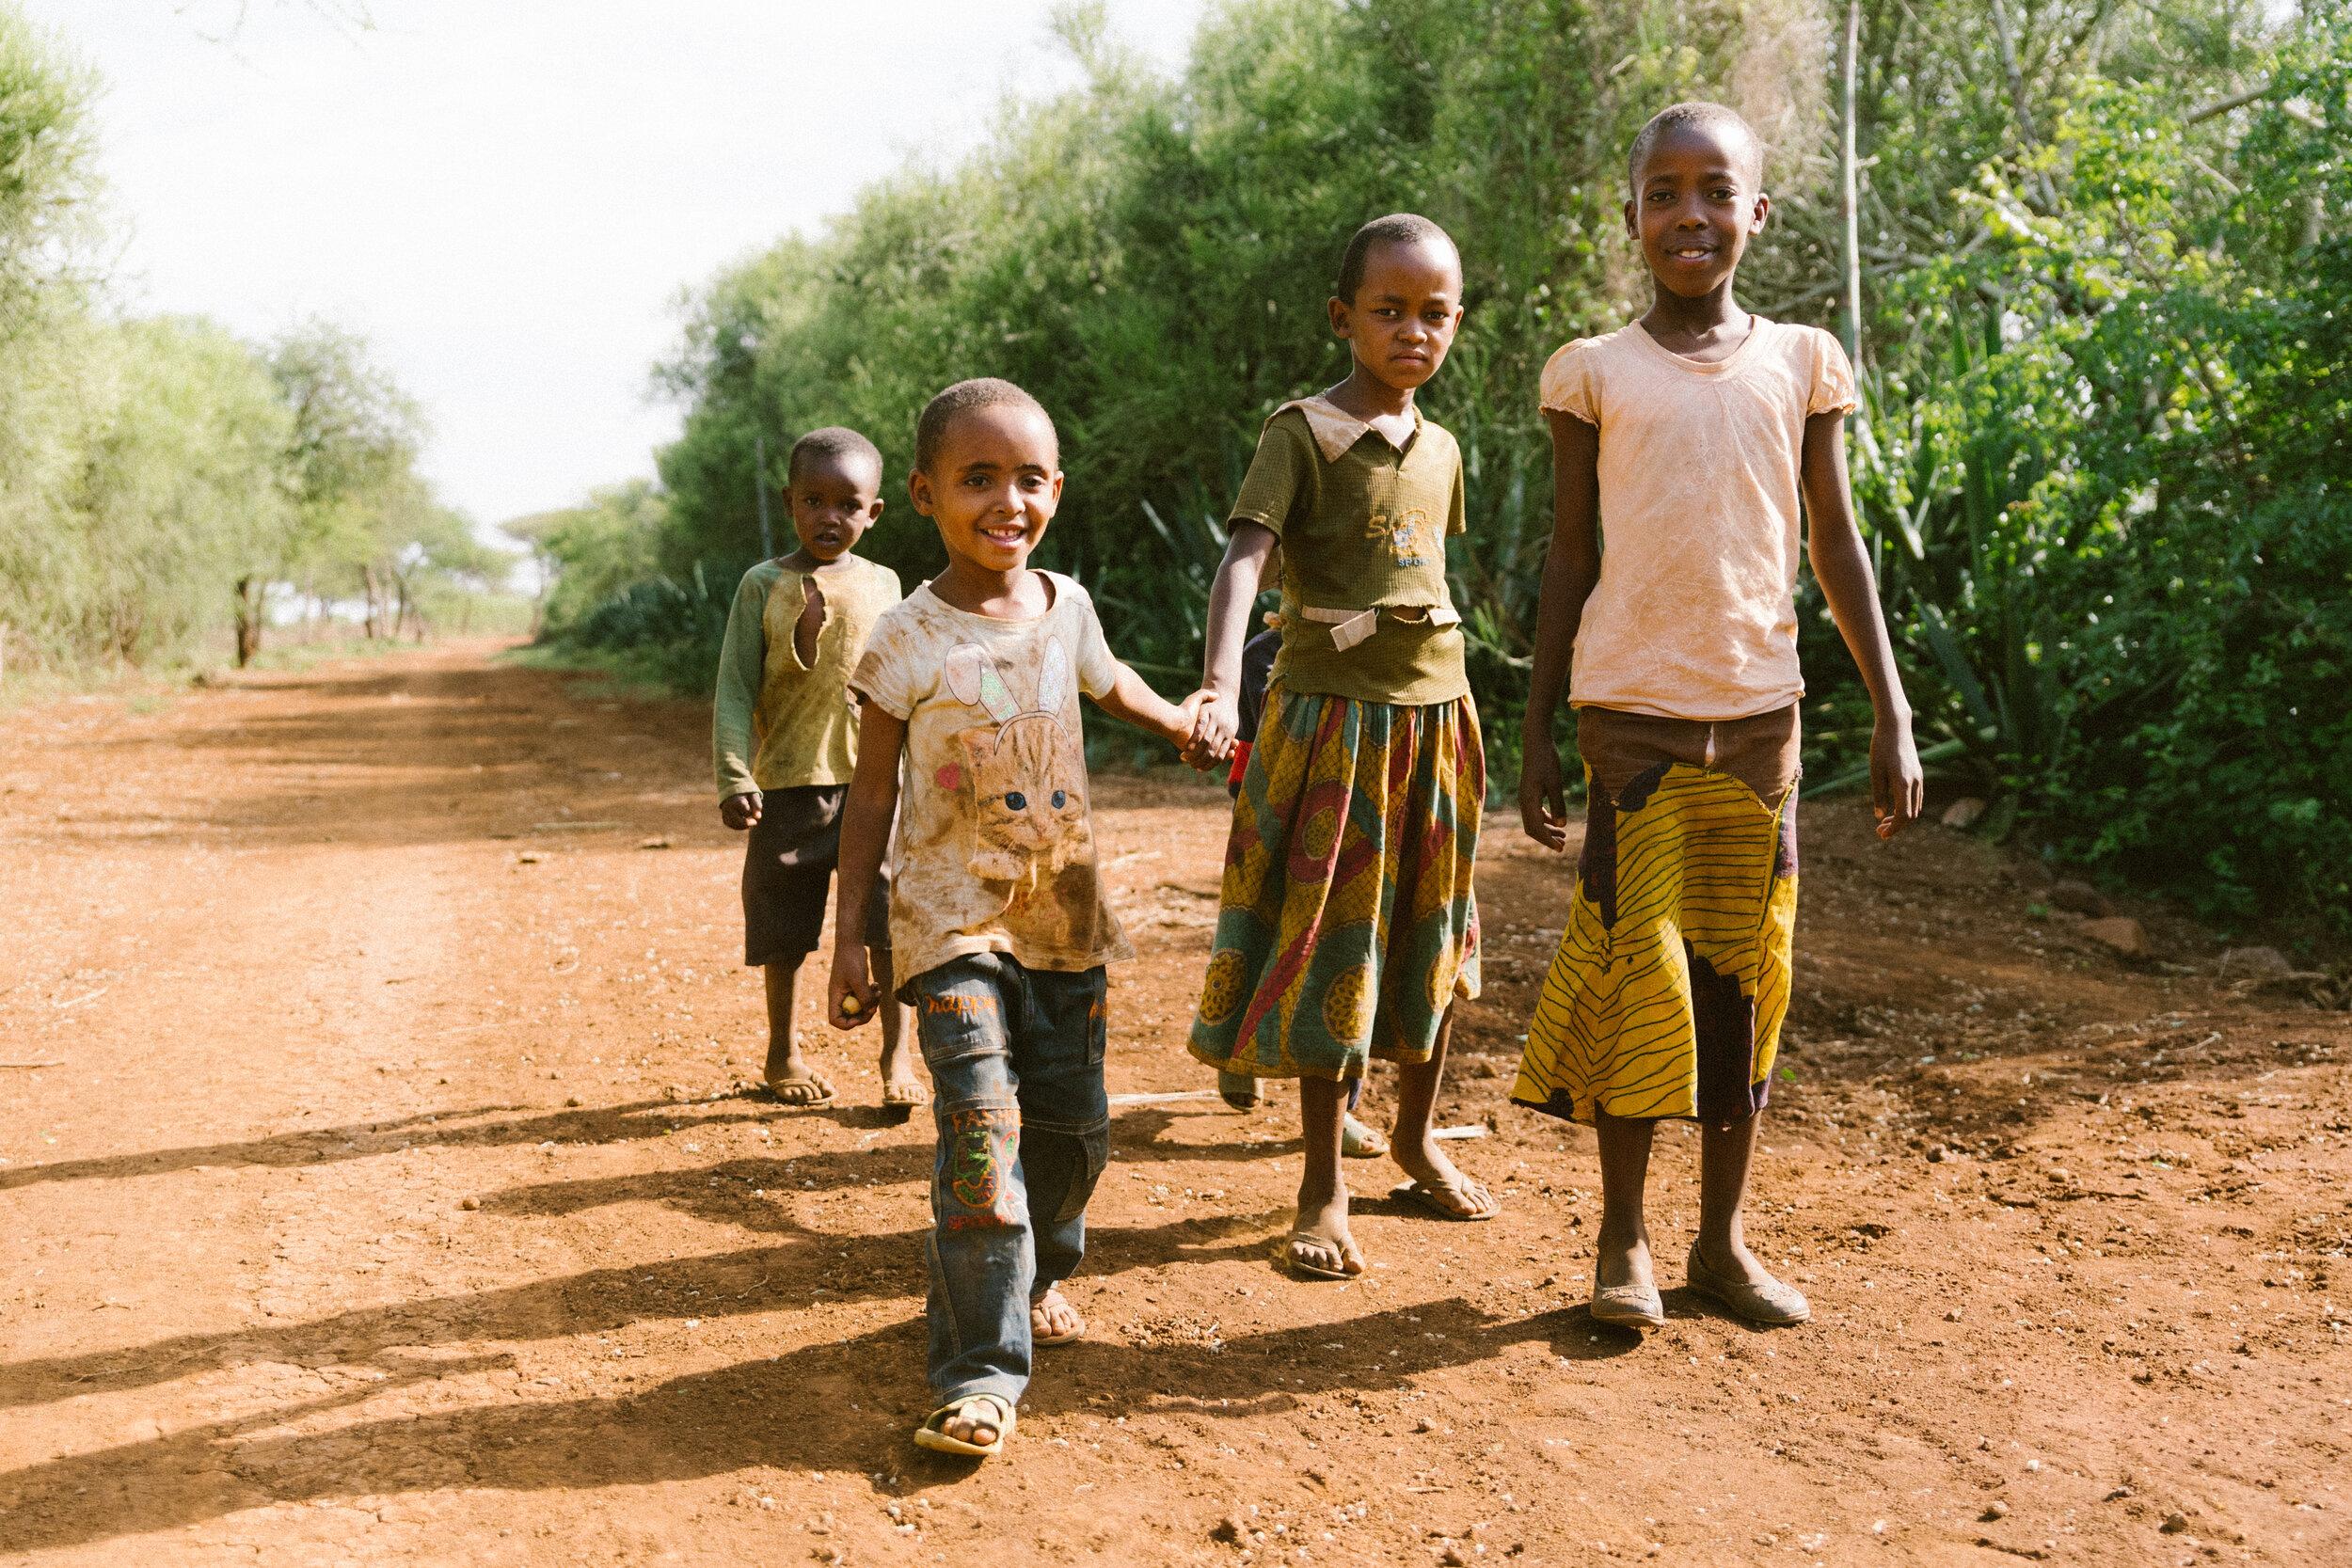 RAVI_VORA_AFRICA_HOOPOE__AV_2210.jpg